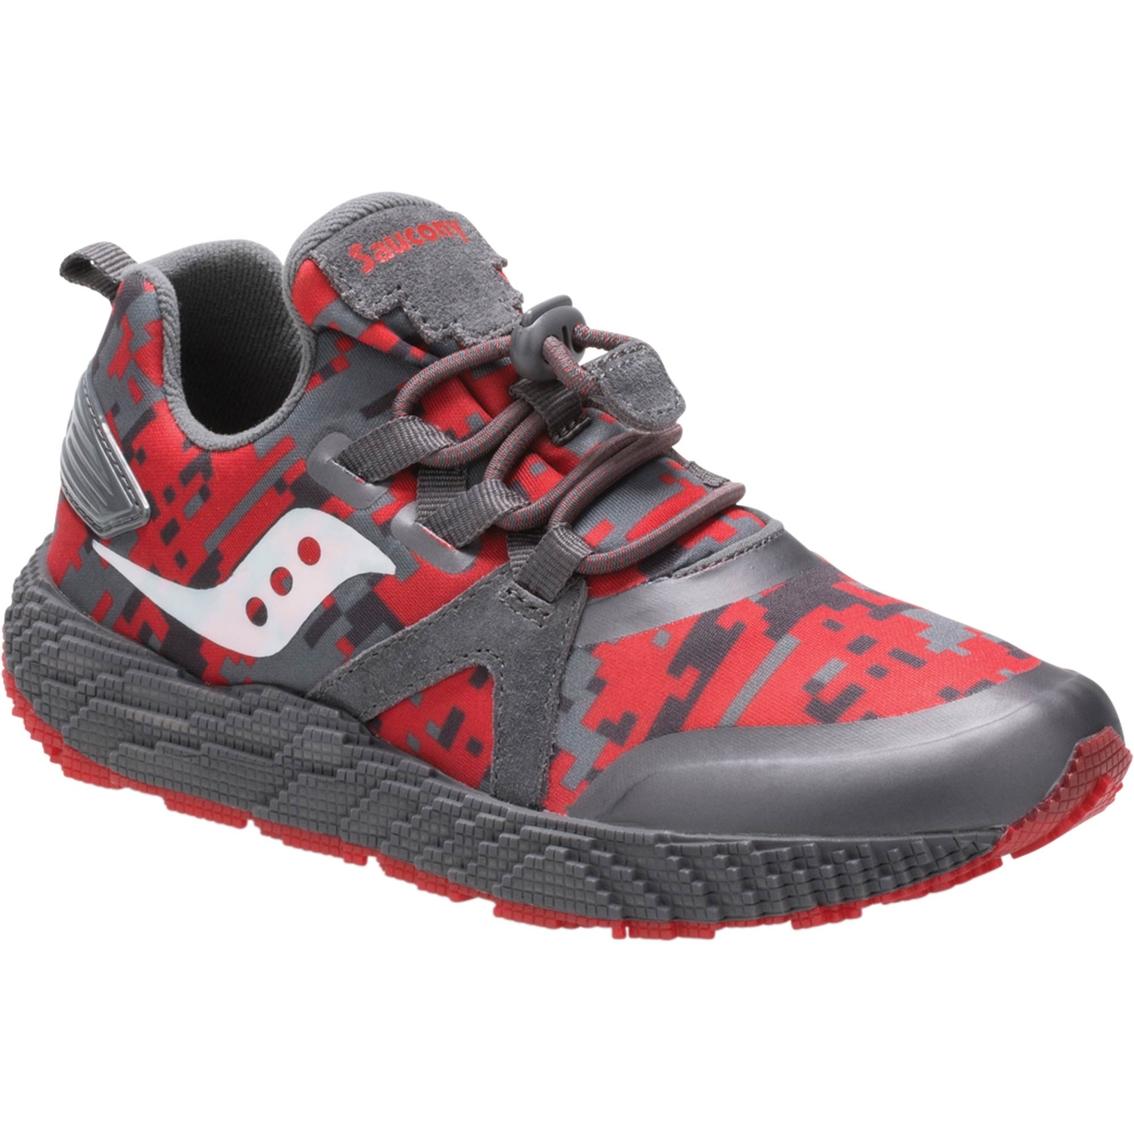 6fe35440fd Saucony Preschool Boys Voxel 9000 Sneakers | Children's Athletic ...